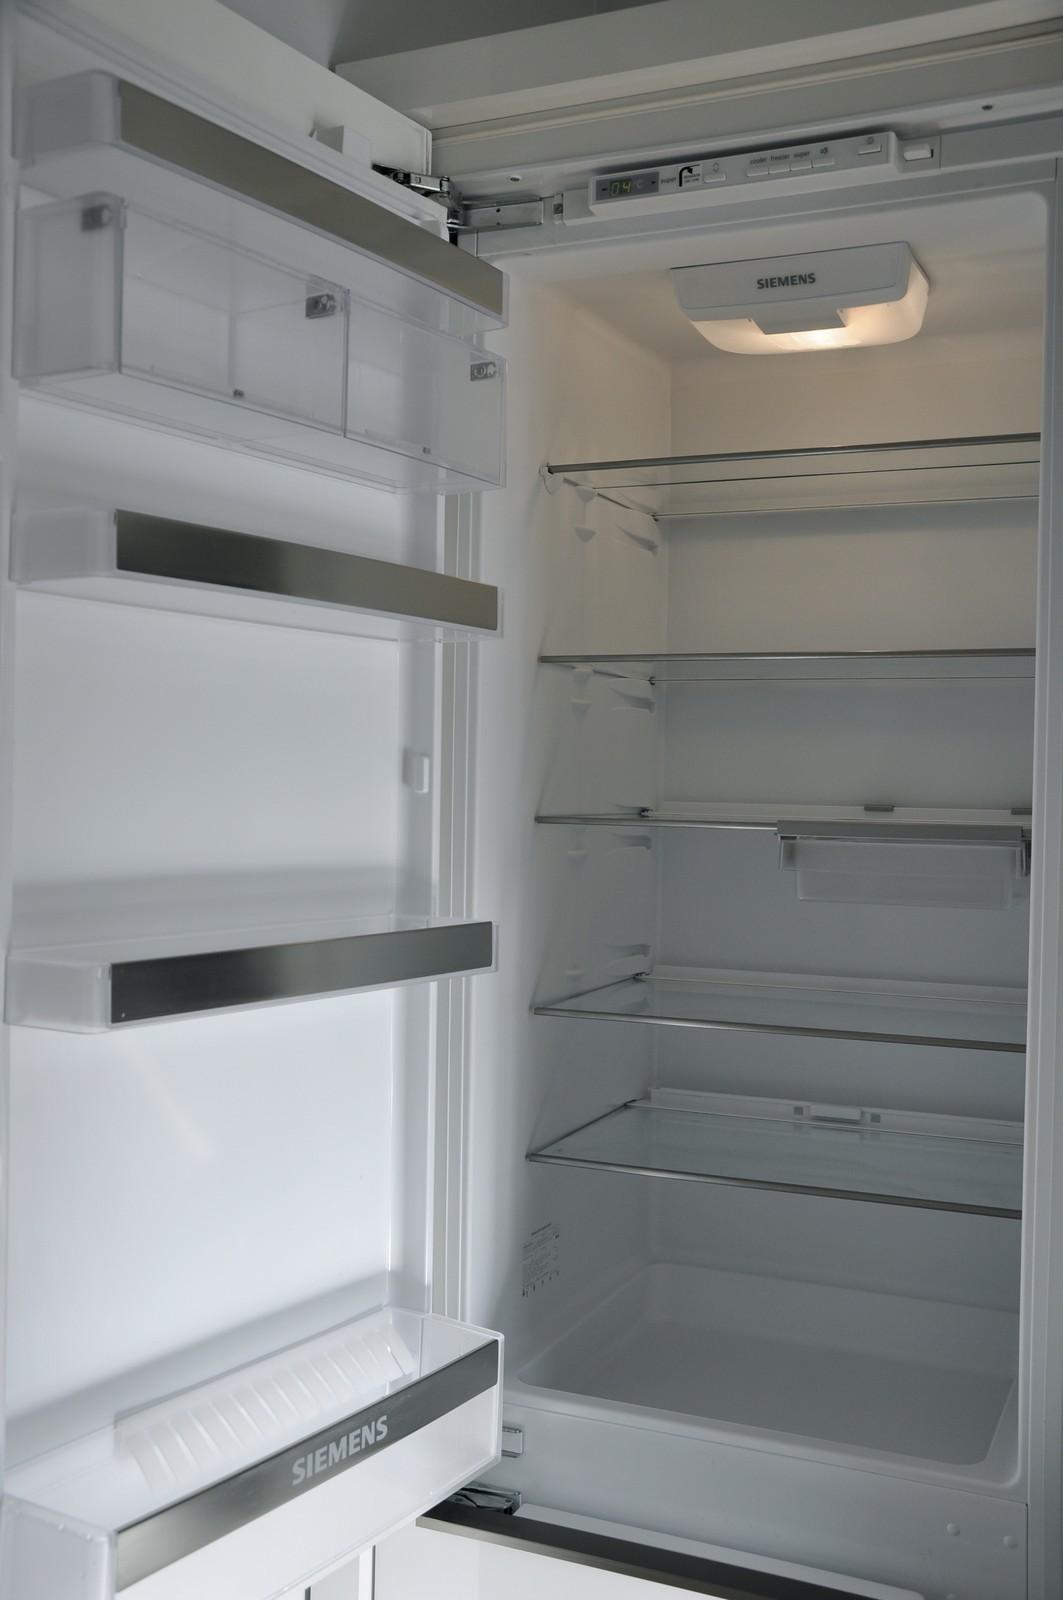 Rent och tomt kylskåp